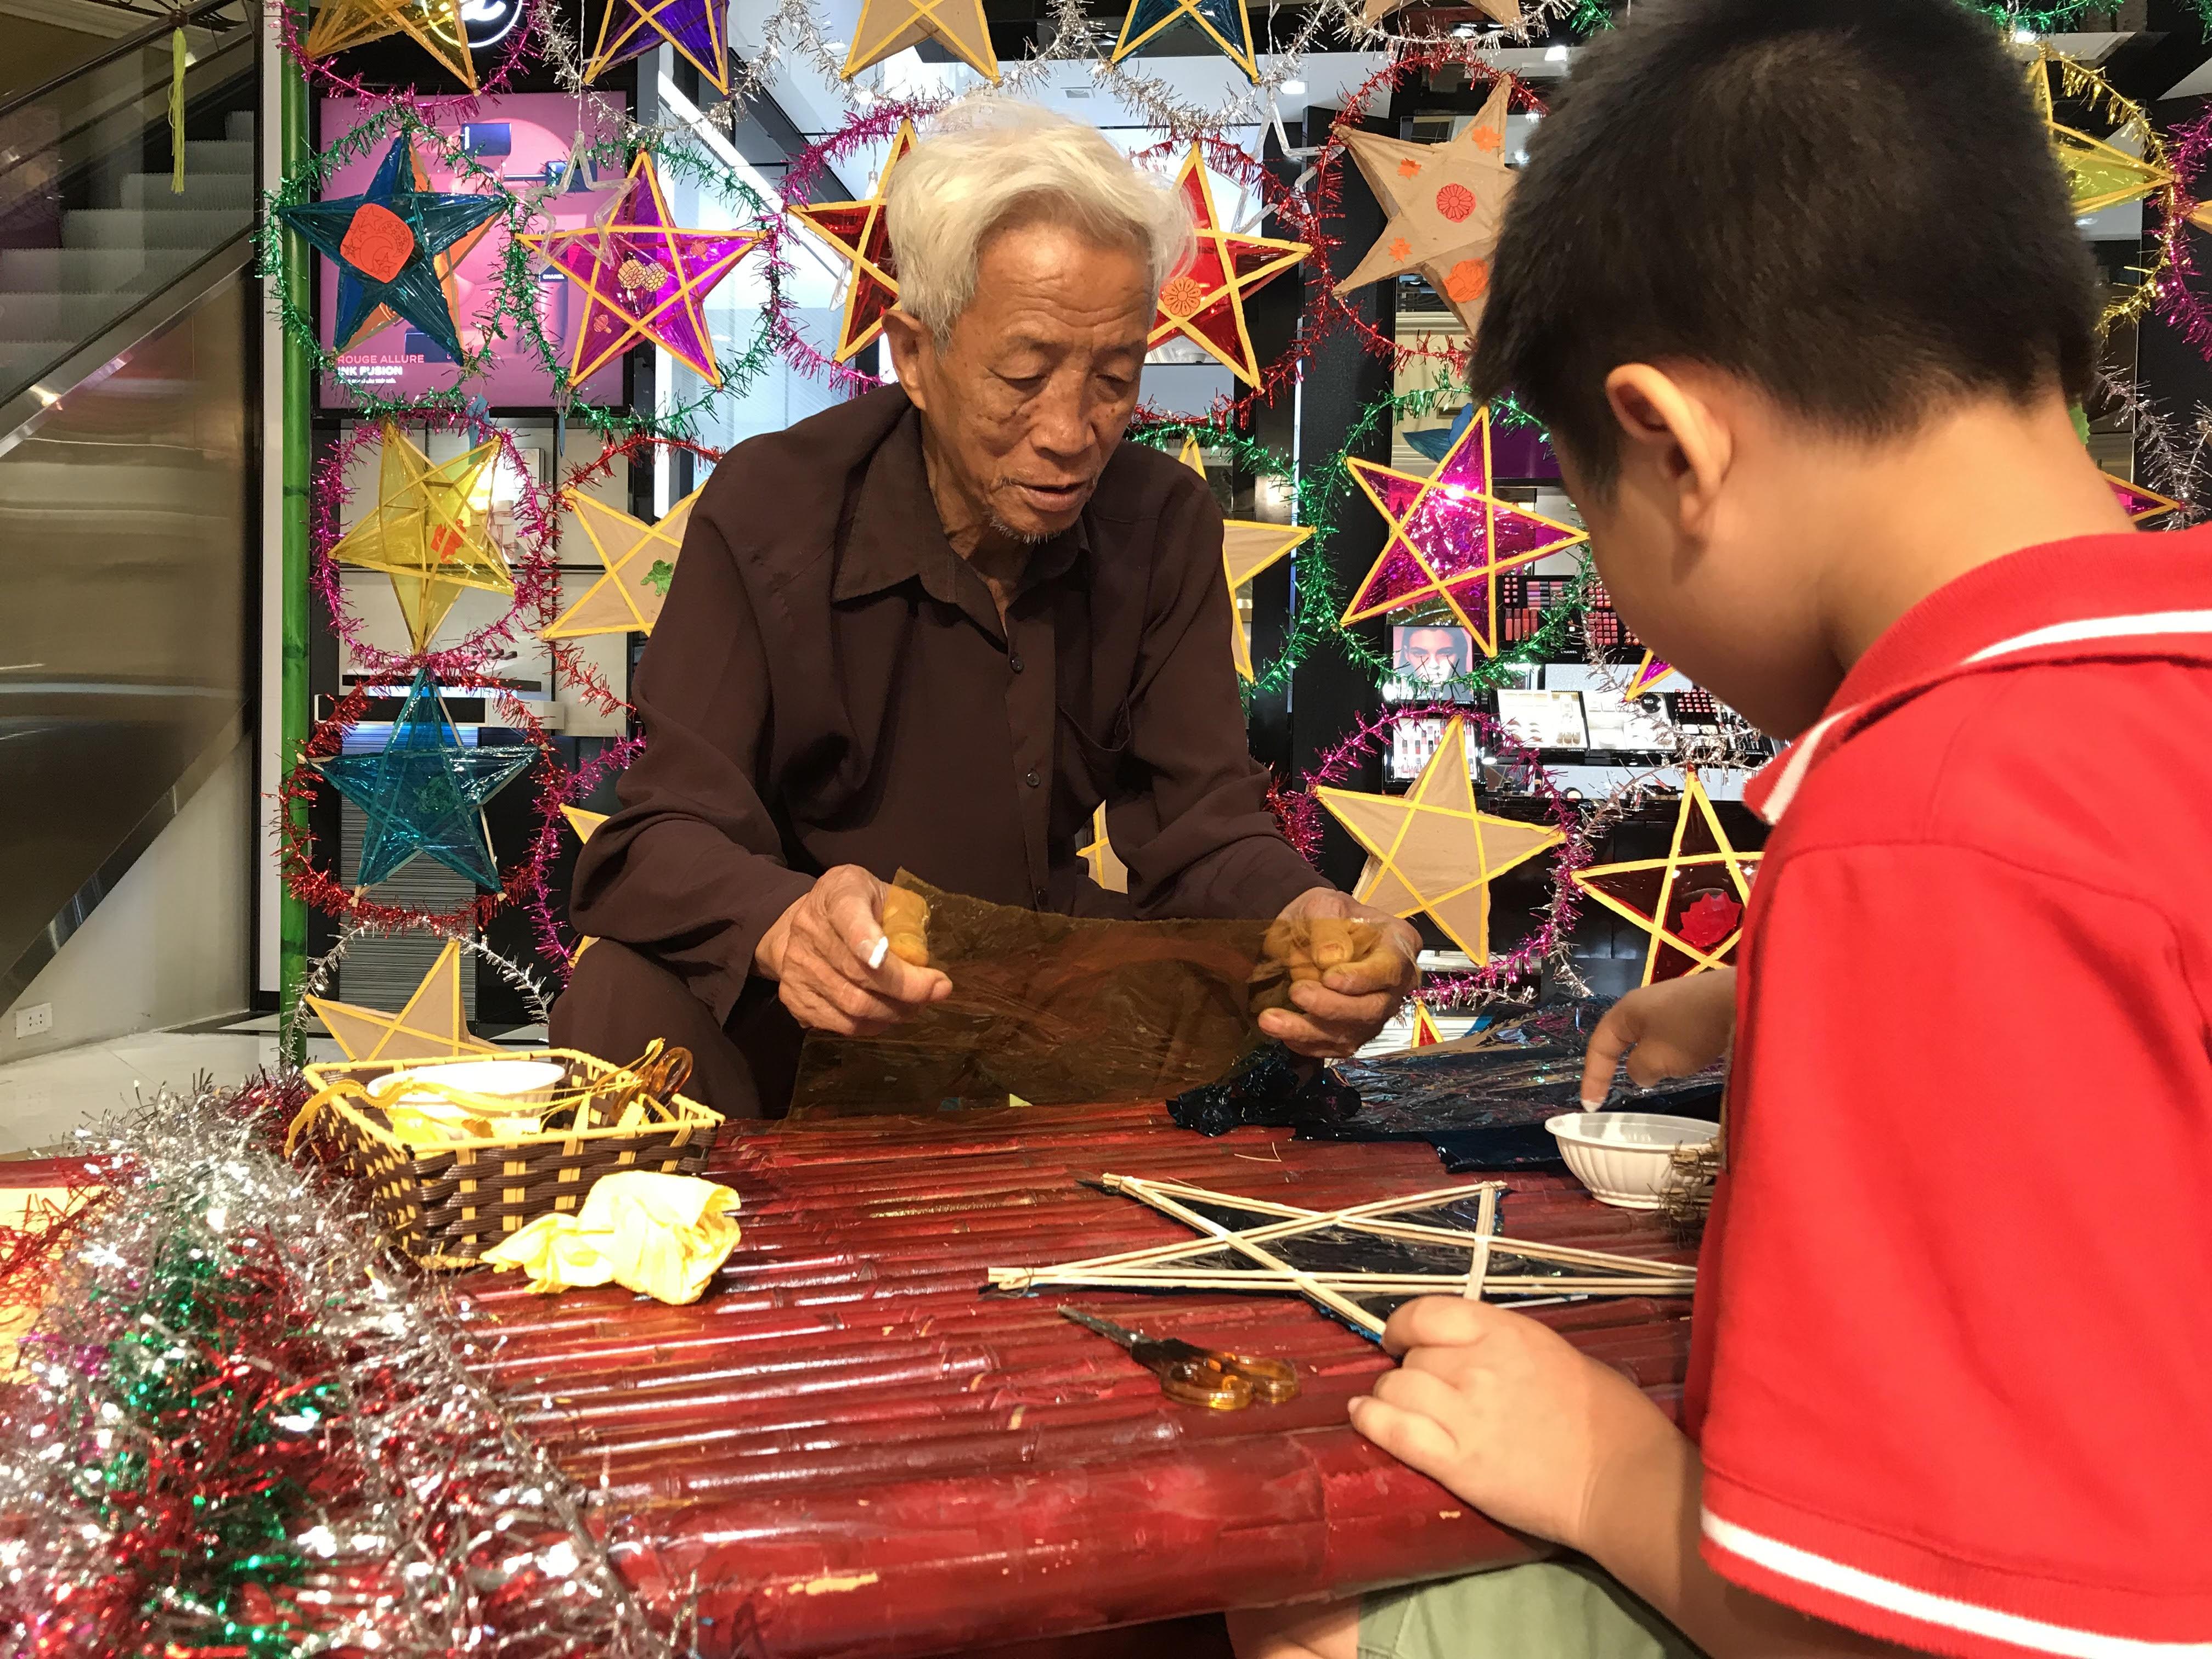 http://static.daidoanket.vn/images/upload/nganht/09062020/bai-duoi-ok.jpg